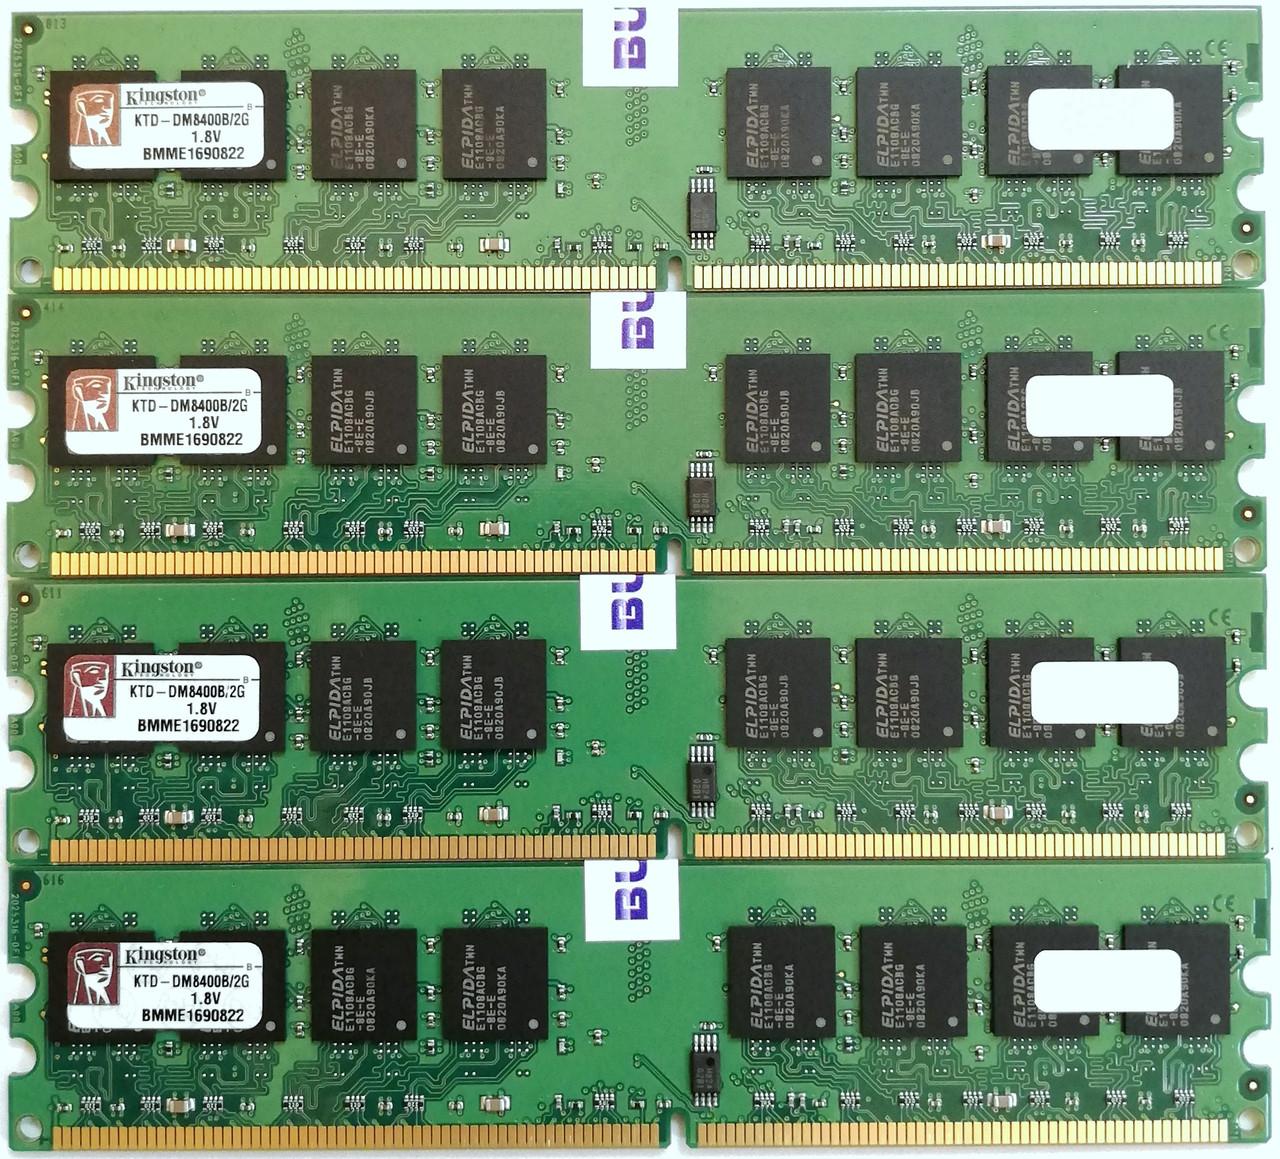 Комплект оперативной памяти Kingston DDR2 8Gb (4*2Gb) 667MHz PC2 5300U 2R8 CL5 (KTD-DM8400B/2G) Новая!